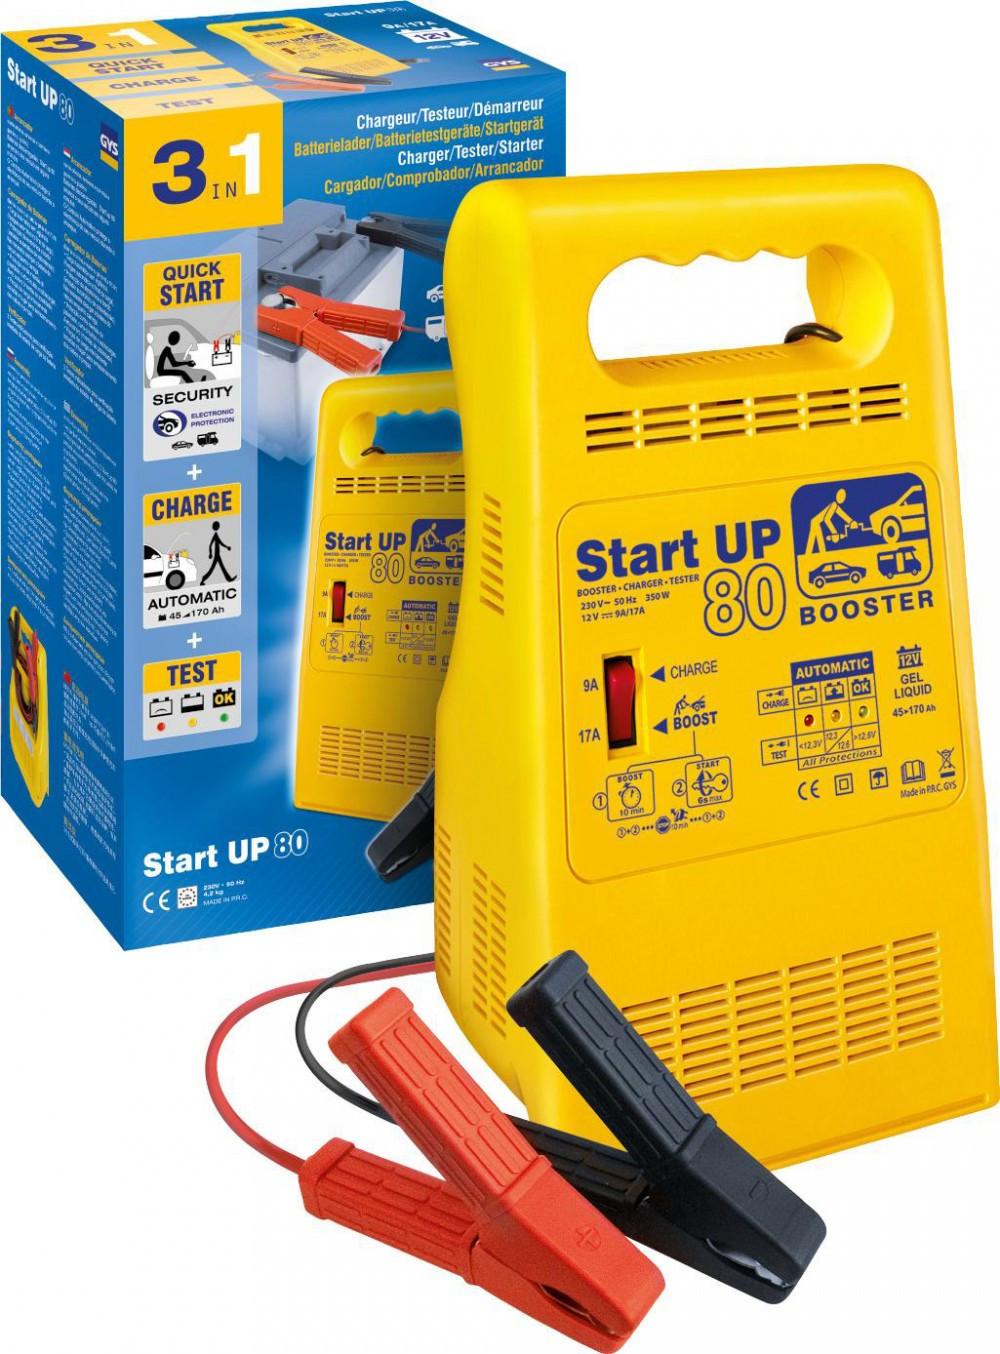 Chargeur de batterie GYS, 350 W